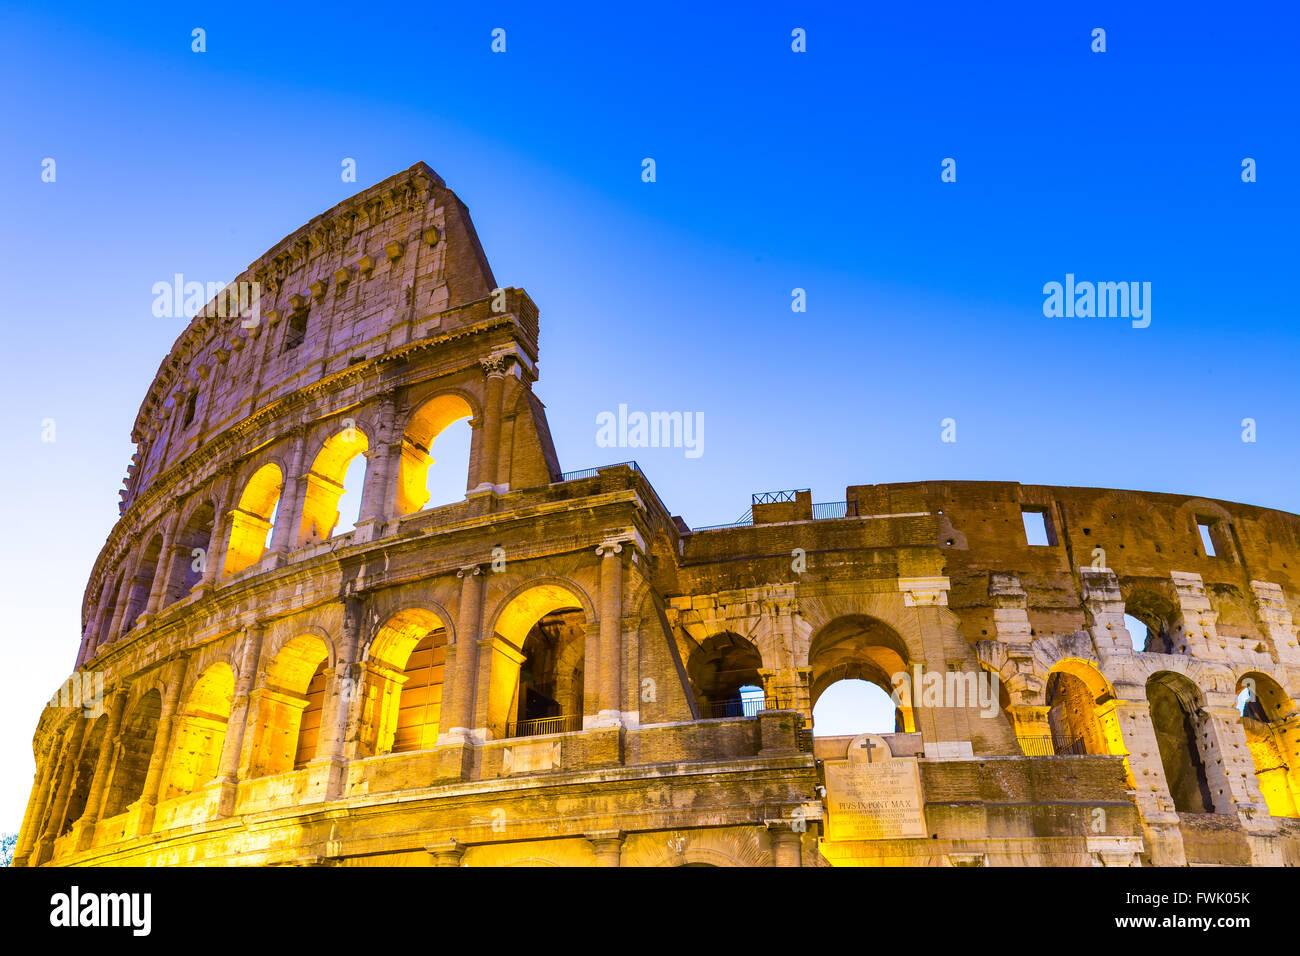 Nahaufnahme des Kolosseums in Rom, Italien. Stockfoto